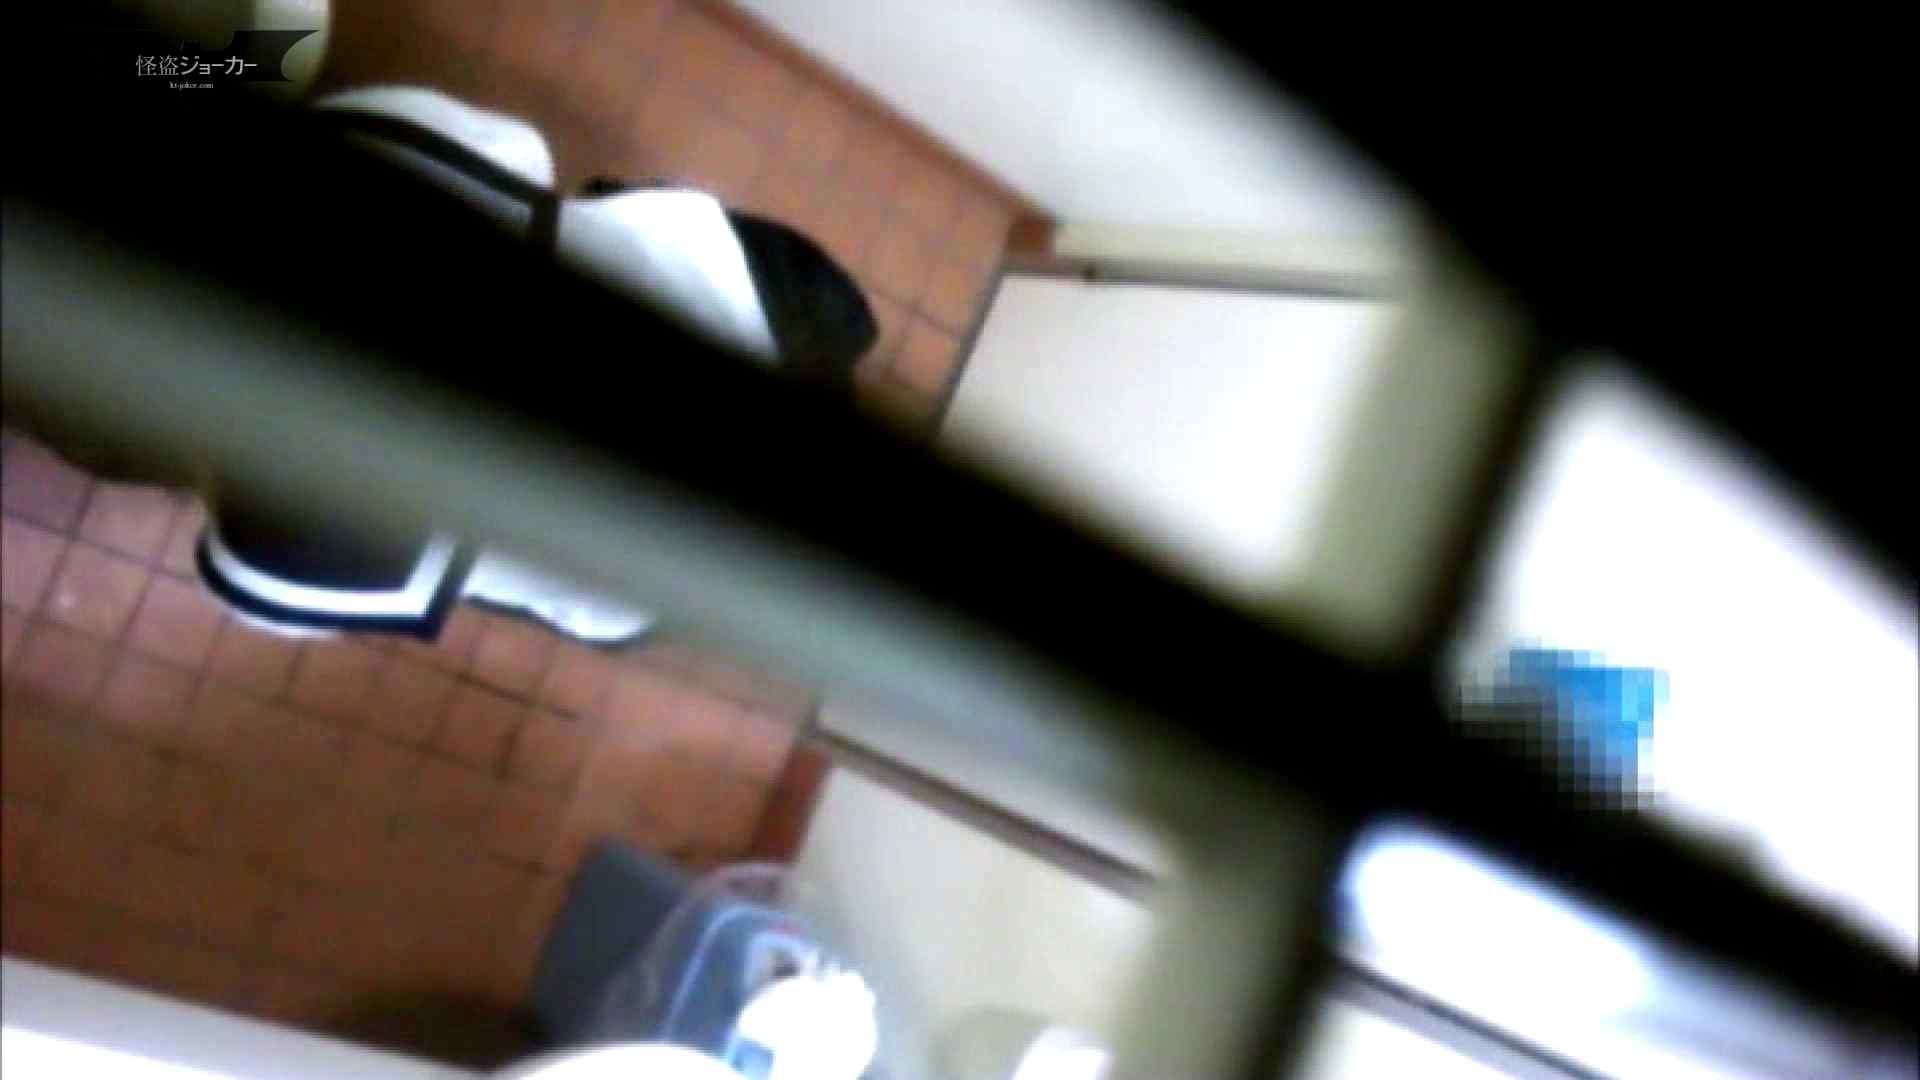 店長代理の盗撮録 Vol.02 制服ばかりをあつめてみました。その2 OL | 盗撮エロすぎ  86連発 84